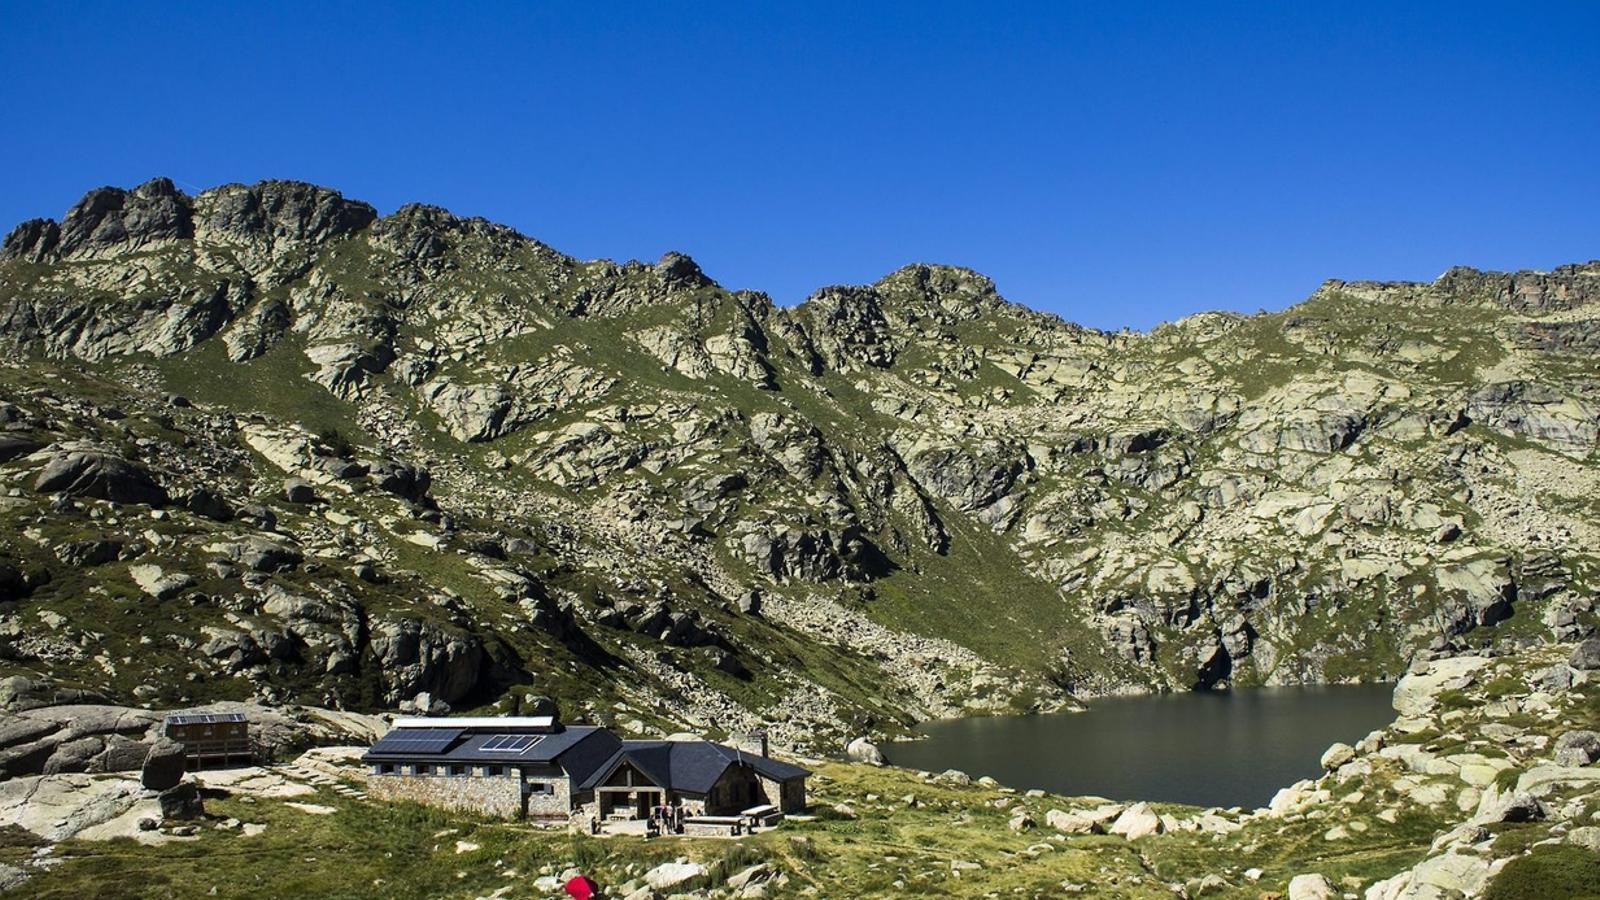 La major concentració de refugis  del Pirineu Allotjaments per a tots els gustos